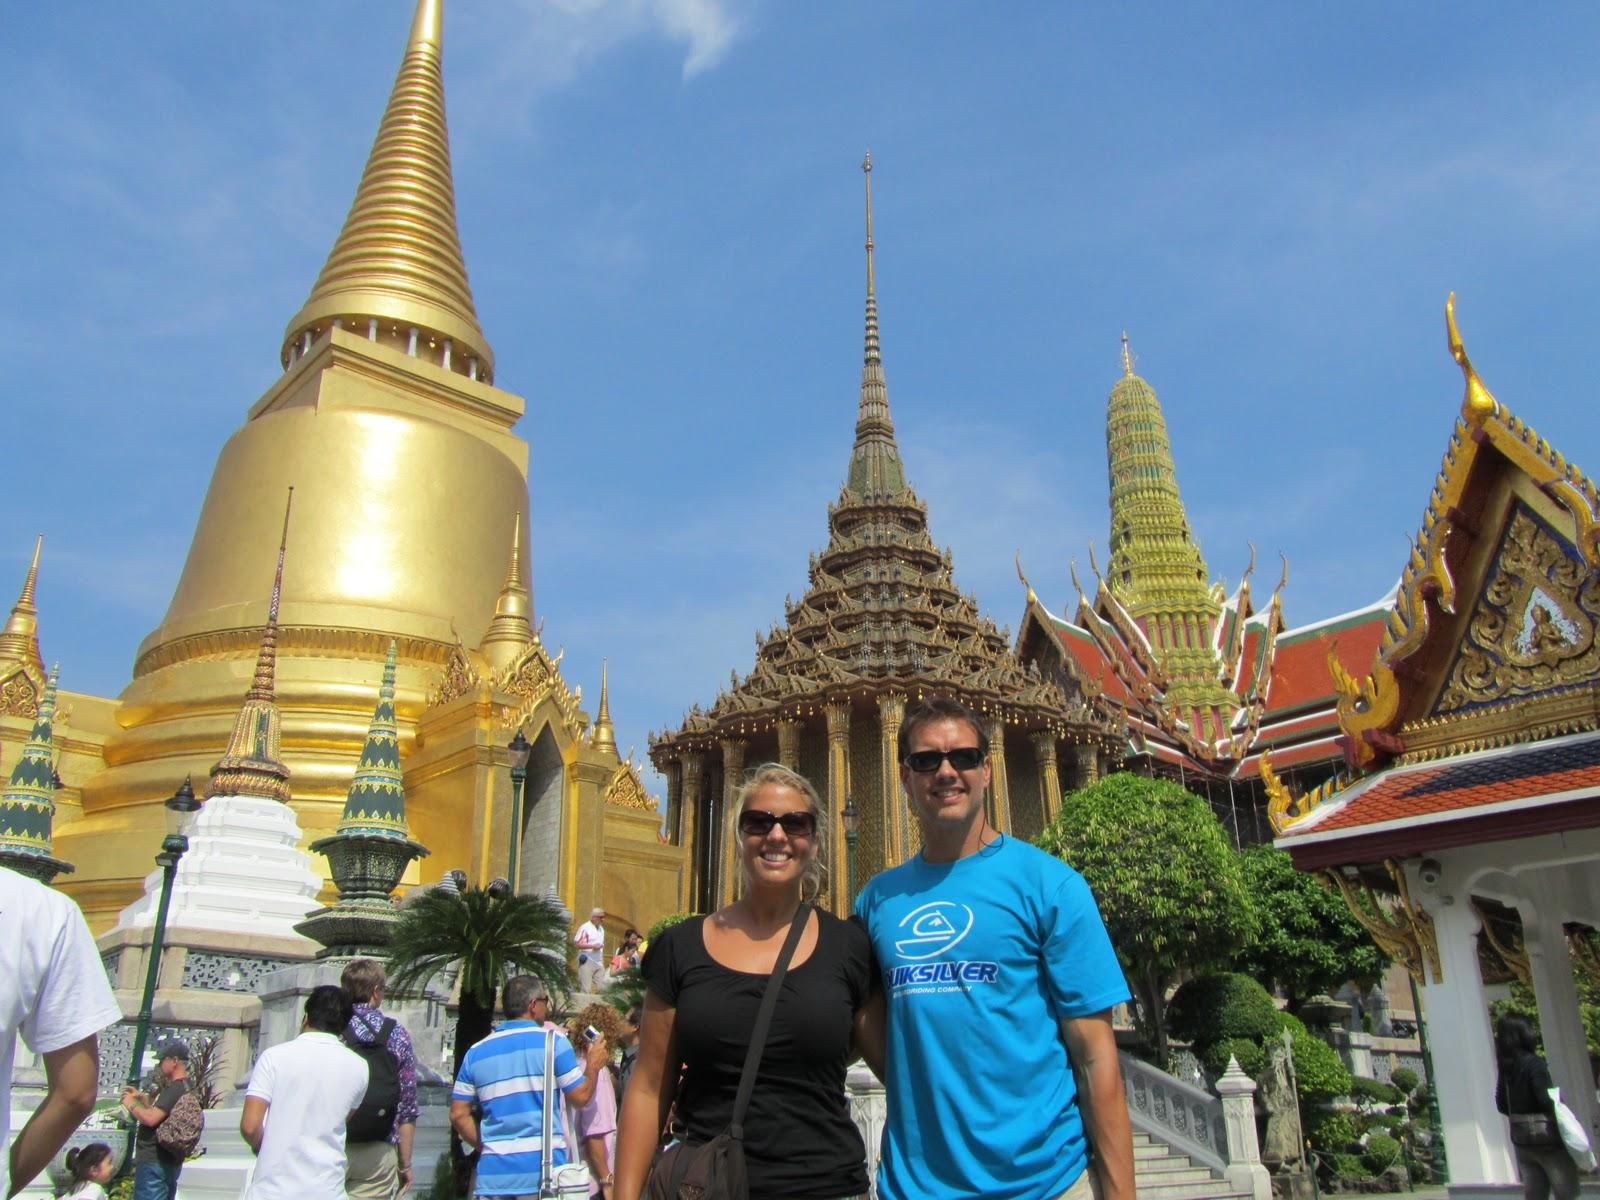 http://1.bp.blogspot.com/-PzXK__jgmng/TVVIzUvoRxI/AAAAAAAAALU/ctYzqCwYfvw/s1600/Bangkok+%252864%2529.JPG